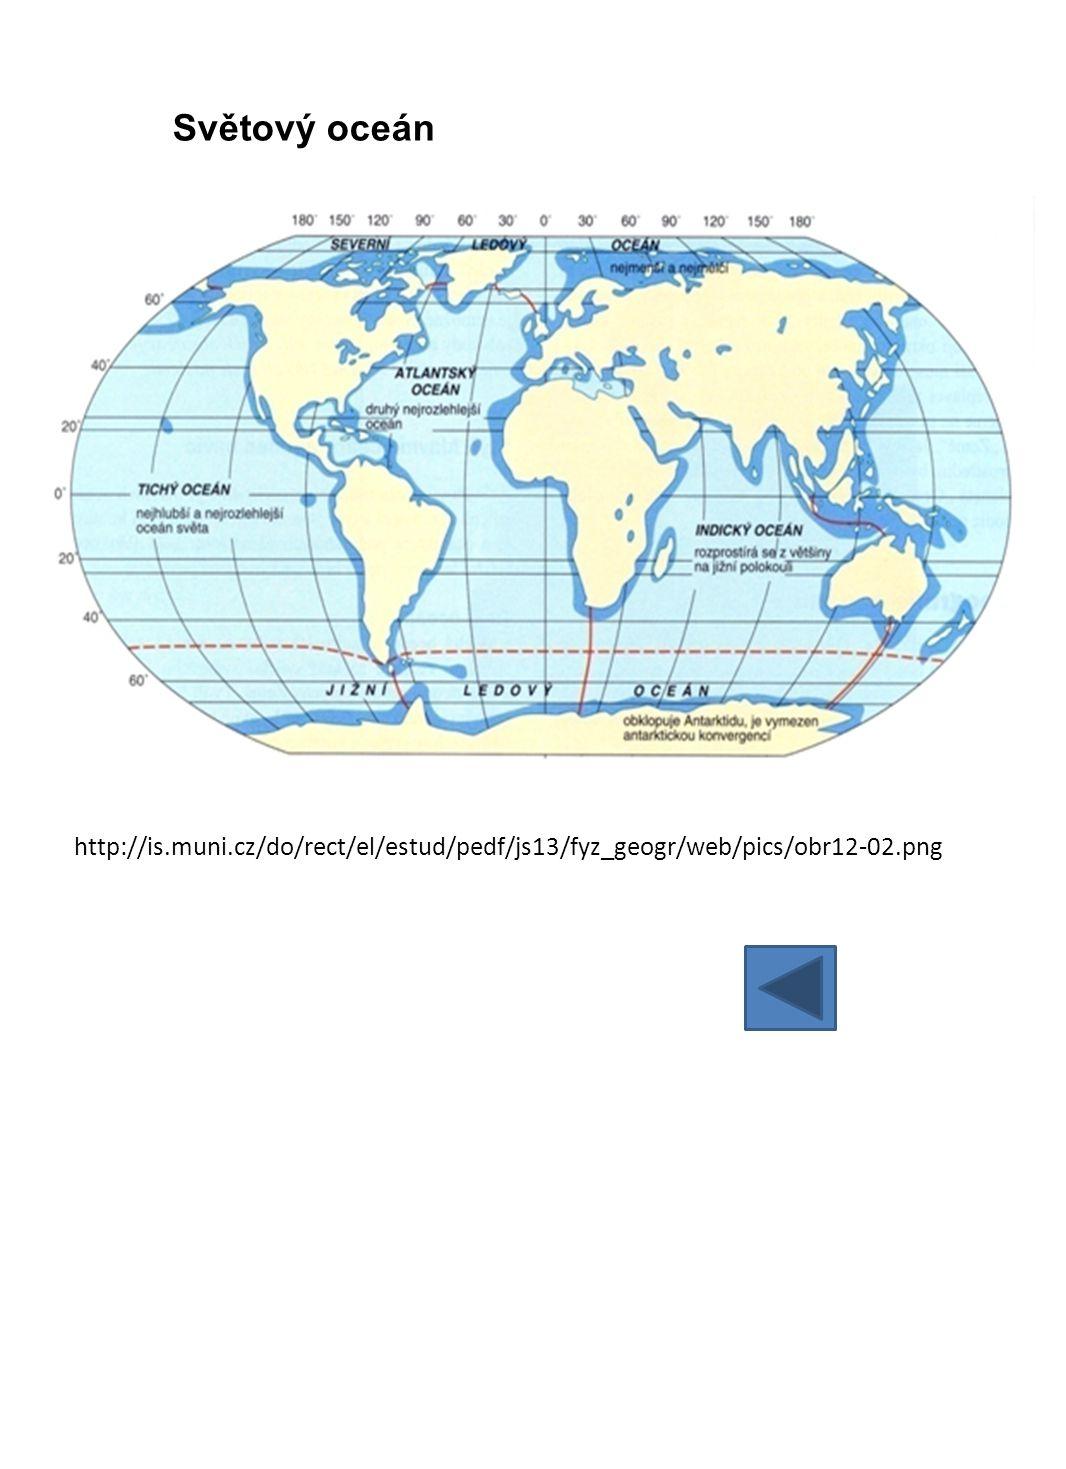 Vlastnosti mořské vody a) slanost = salinita - co udává slanost mořské vody.